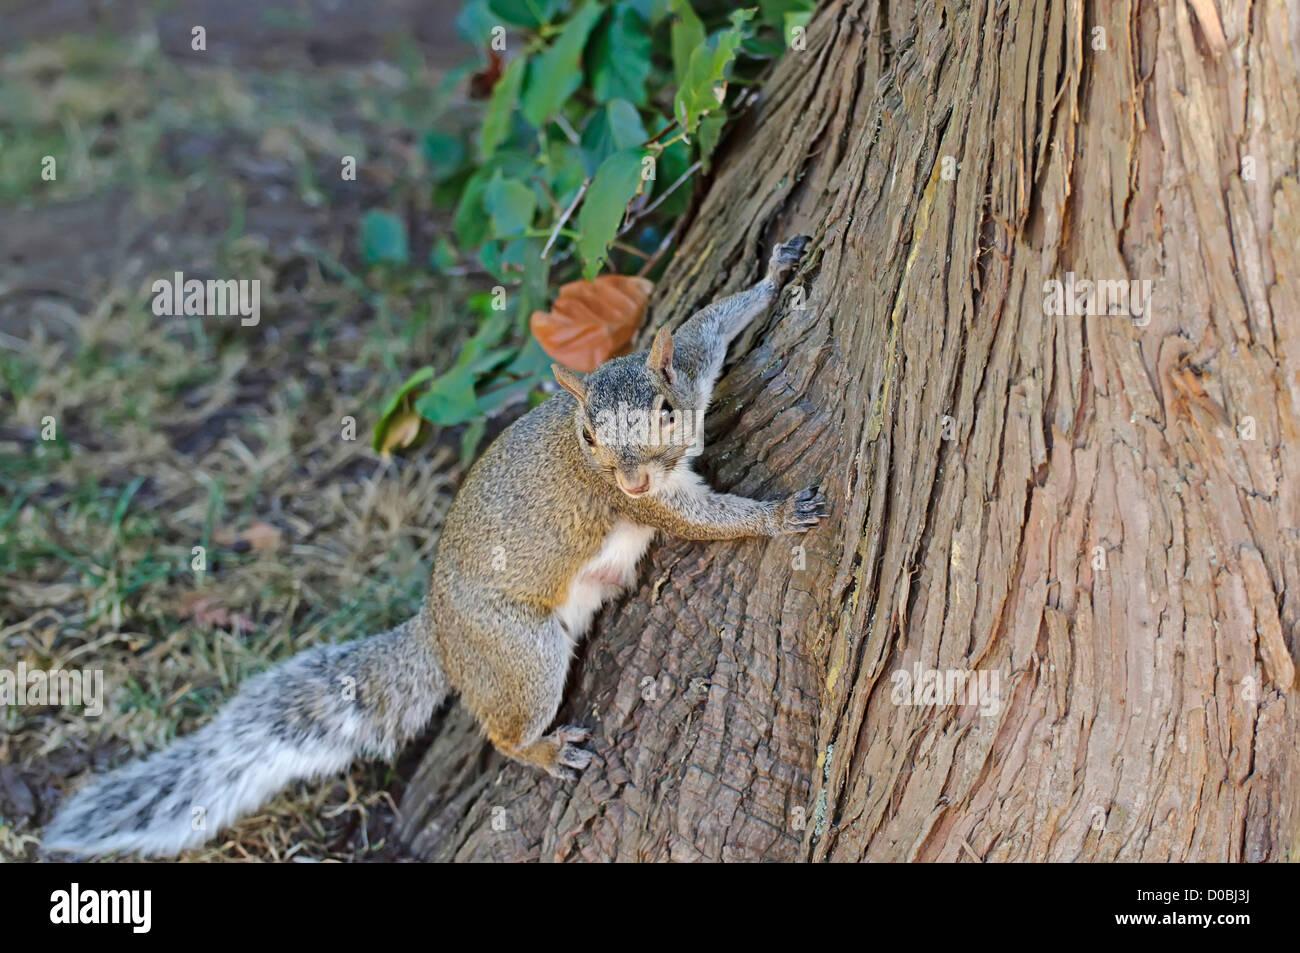 Curieux mignon écureuil gris Photo Stock